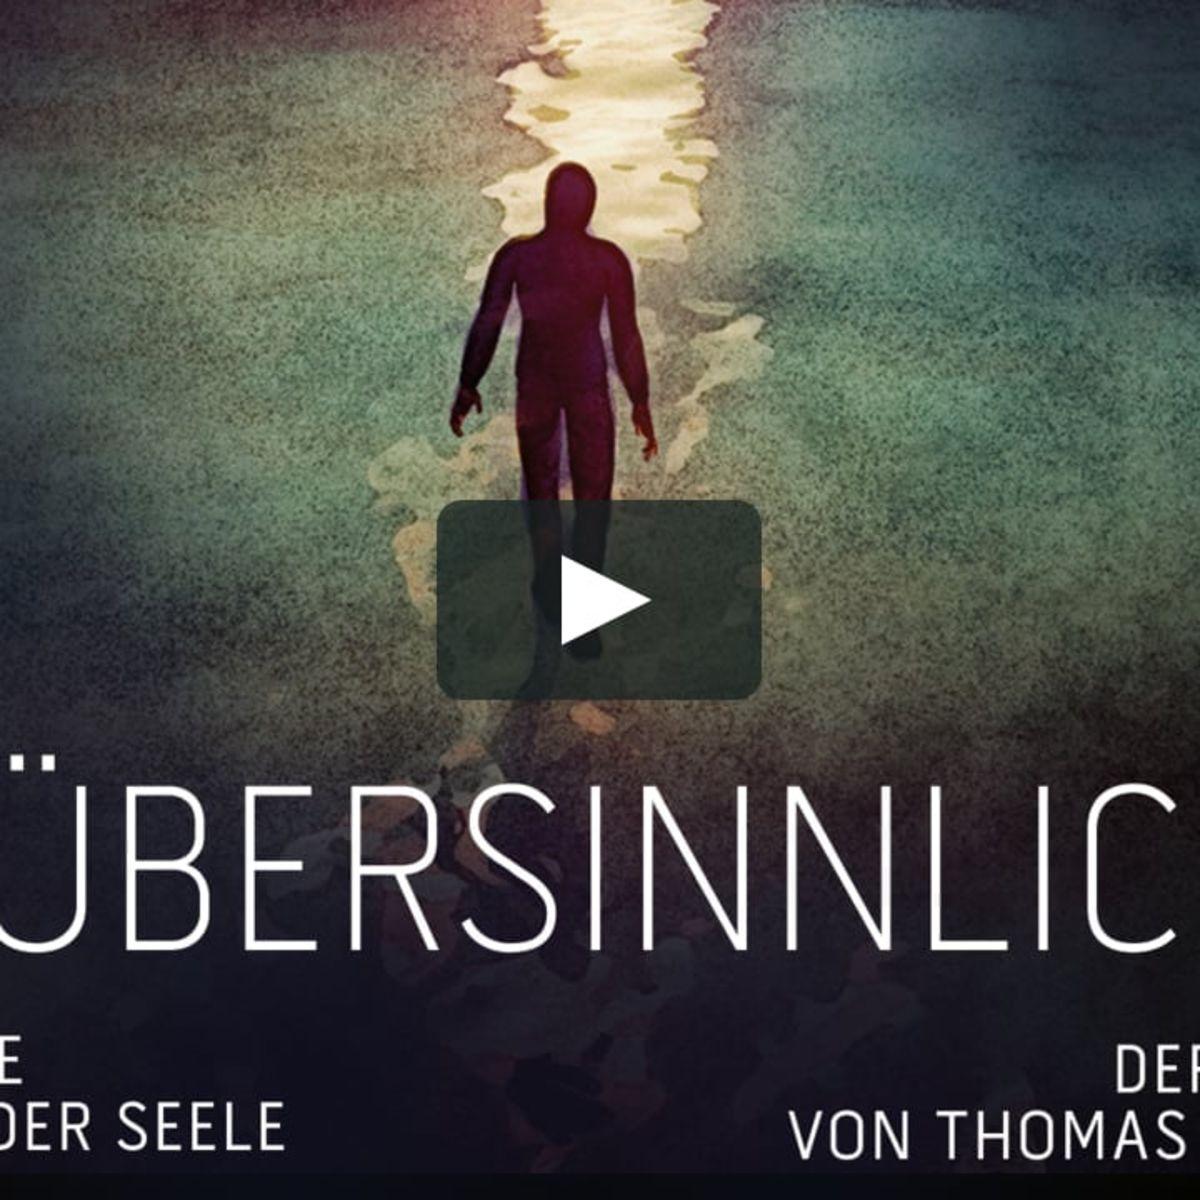 'Die Uebersinnlichen' - Film von Thomas Schmelzer zum Thema Hellsichtigkeit, Parapsychologie und unerklärliche Phänomene und Sensitivität